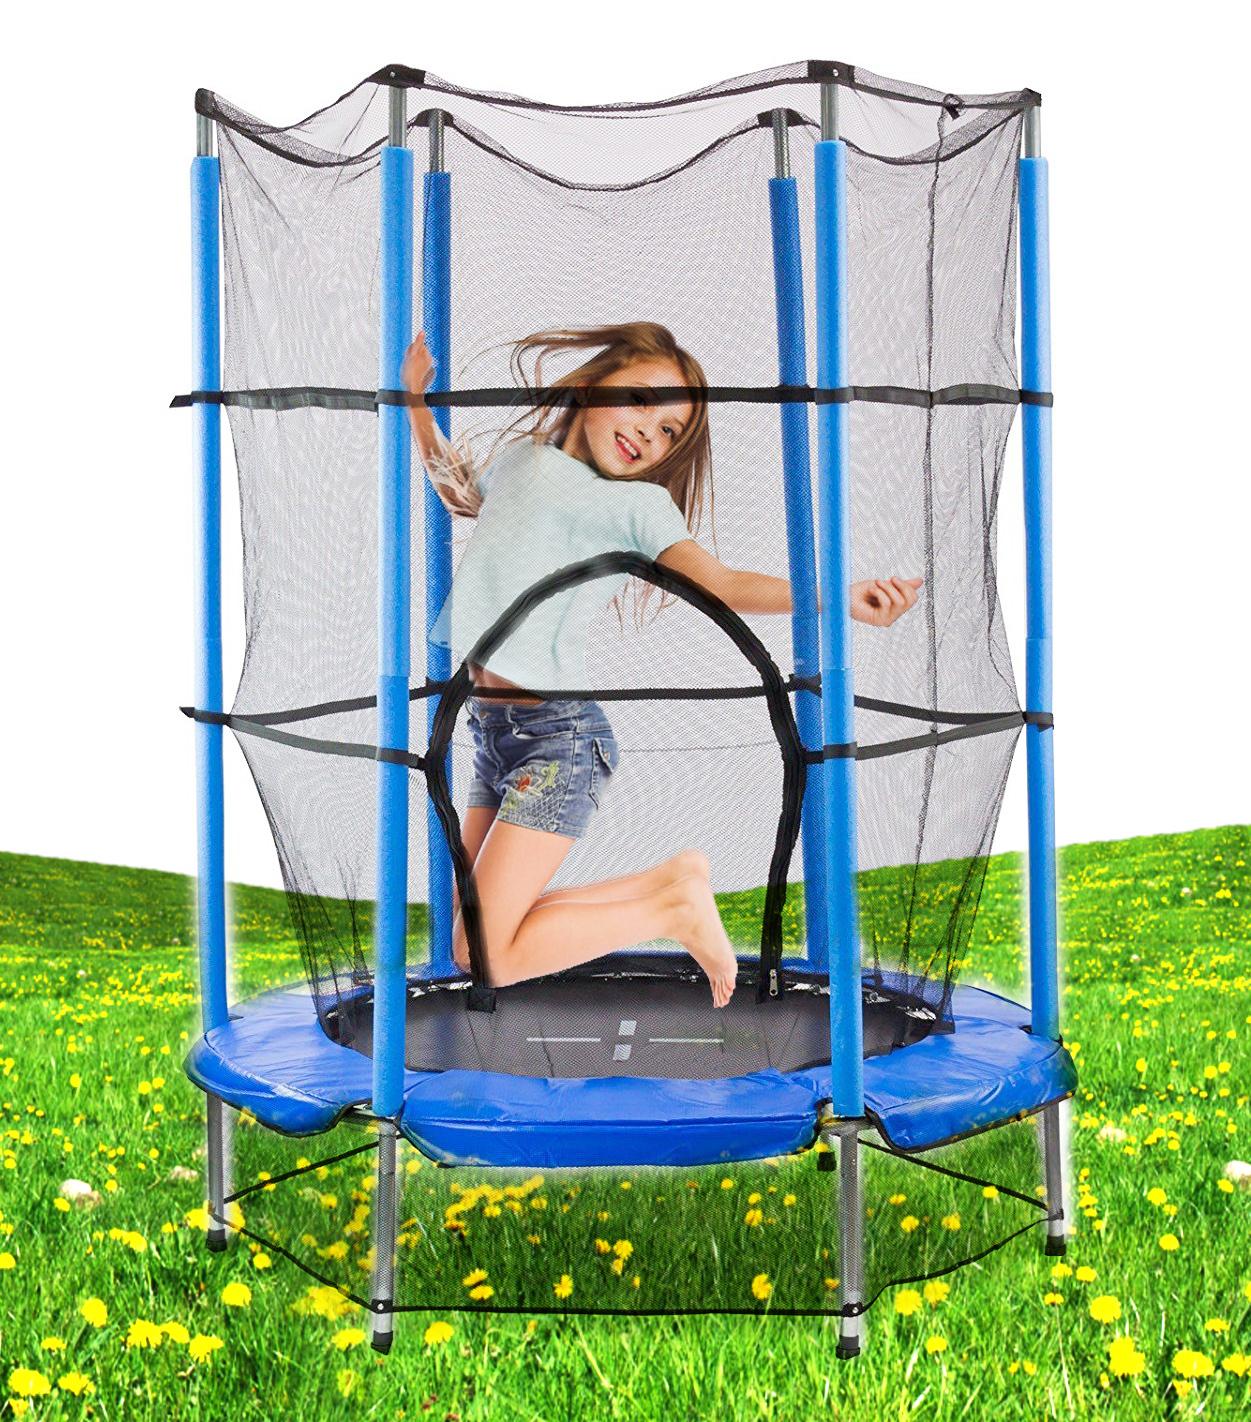 Te poate trampolina te ajuta sa slabesti